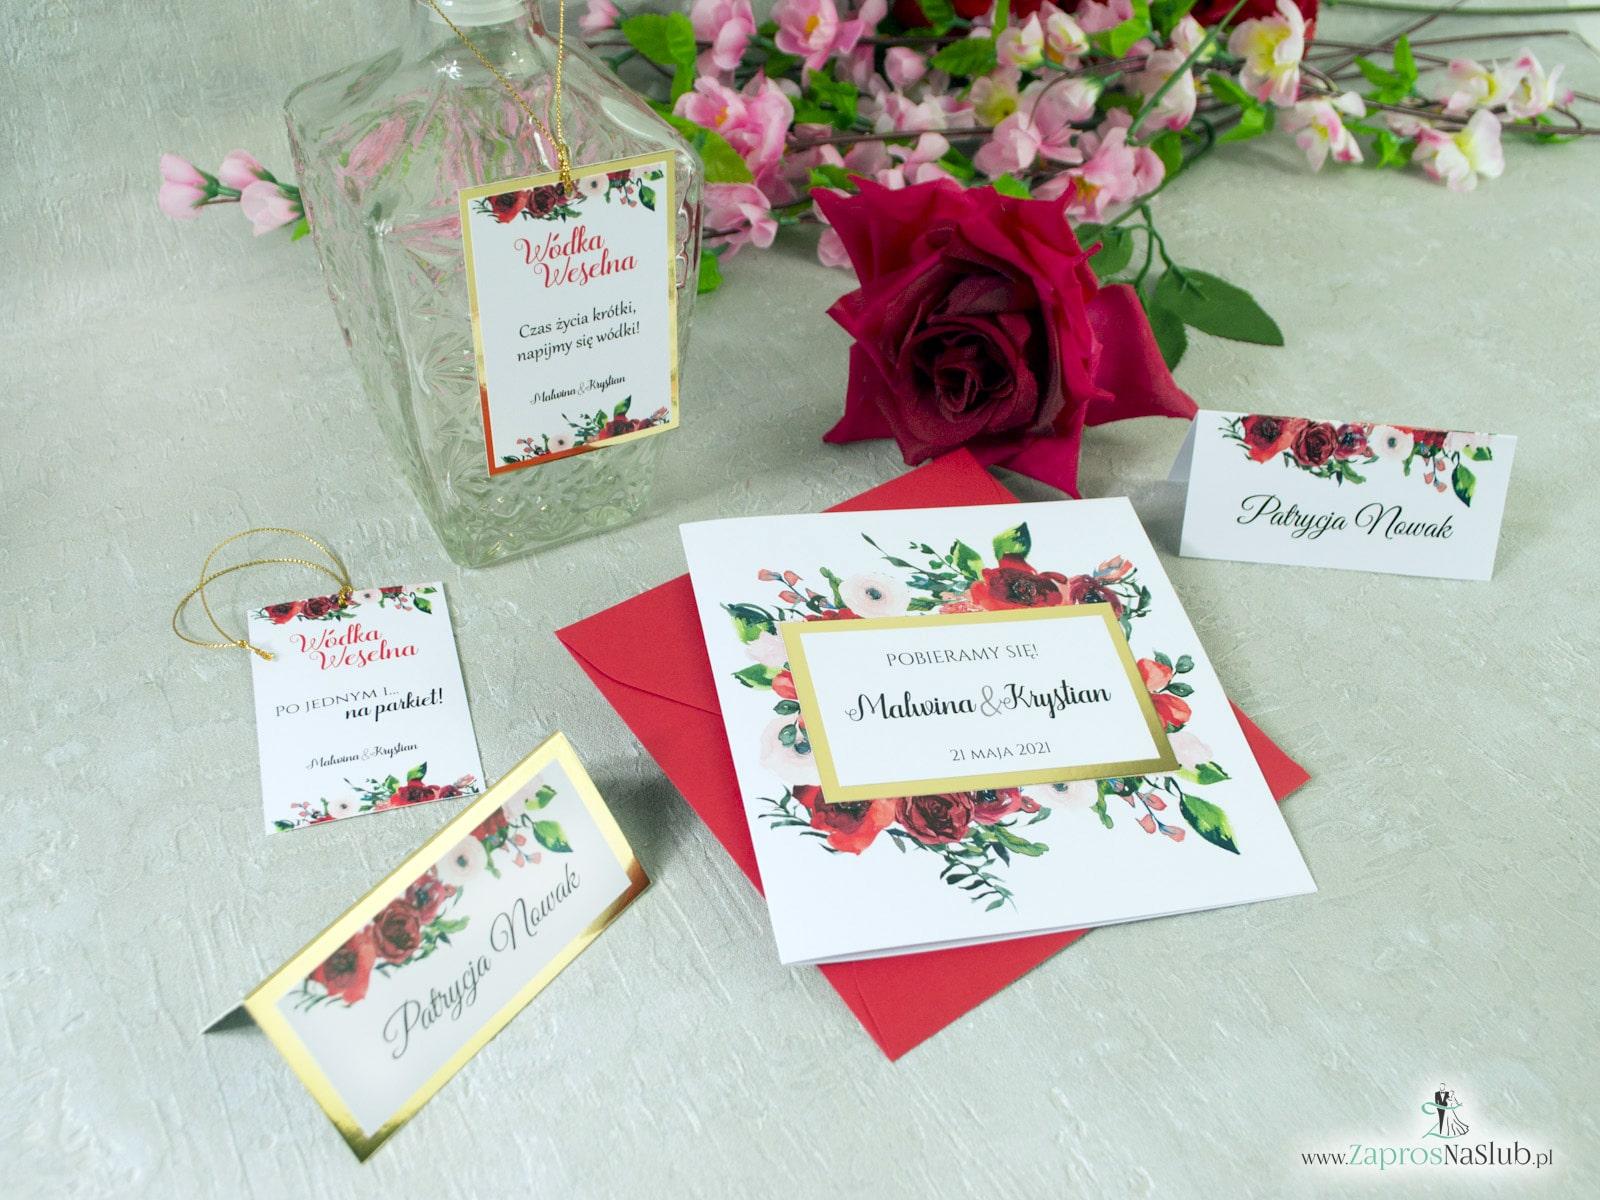 ELEGANCKIE KWIATOWE ZAPROSZENIE ŚLUBNE NA KALCE ORAZ SREBRNYM PAPIERZE Z KWIATAMI DZWONKÓW  - Zaproszenia ślubne ZaprosNaSlub